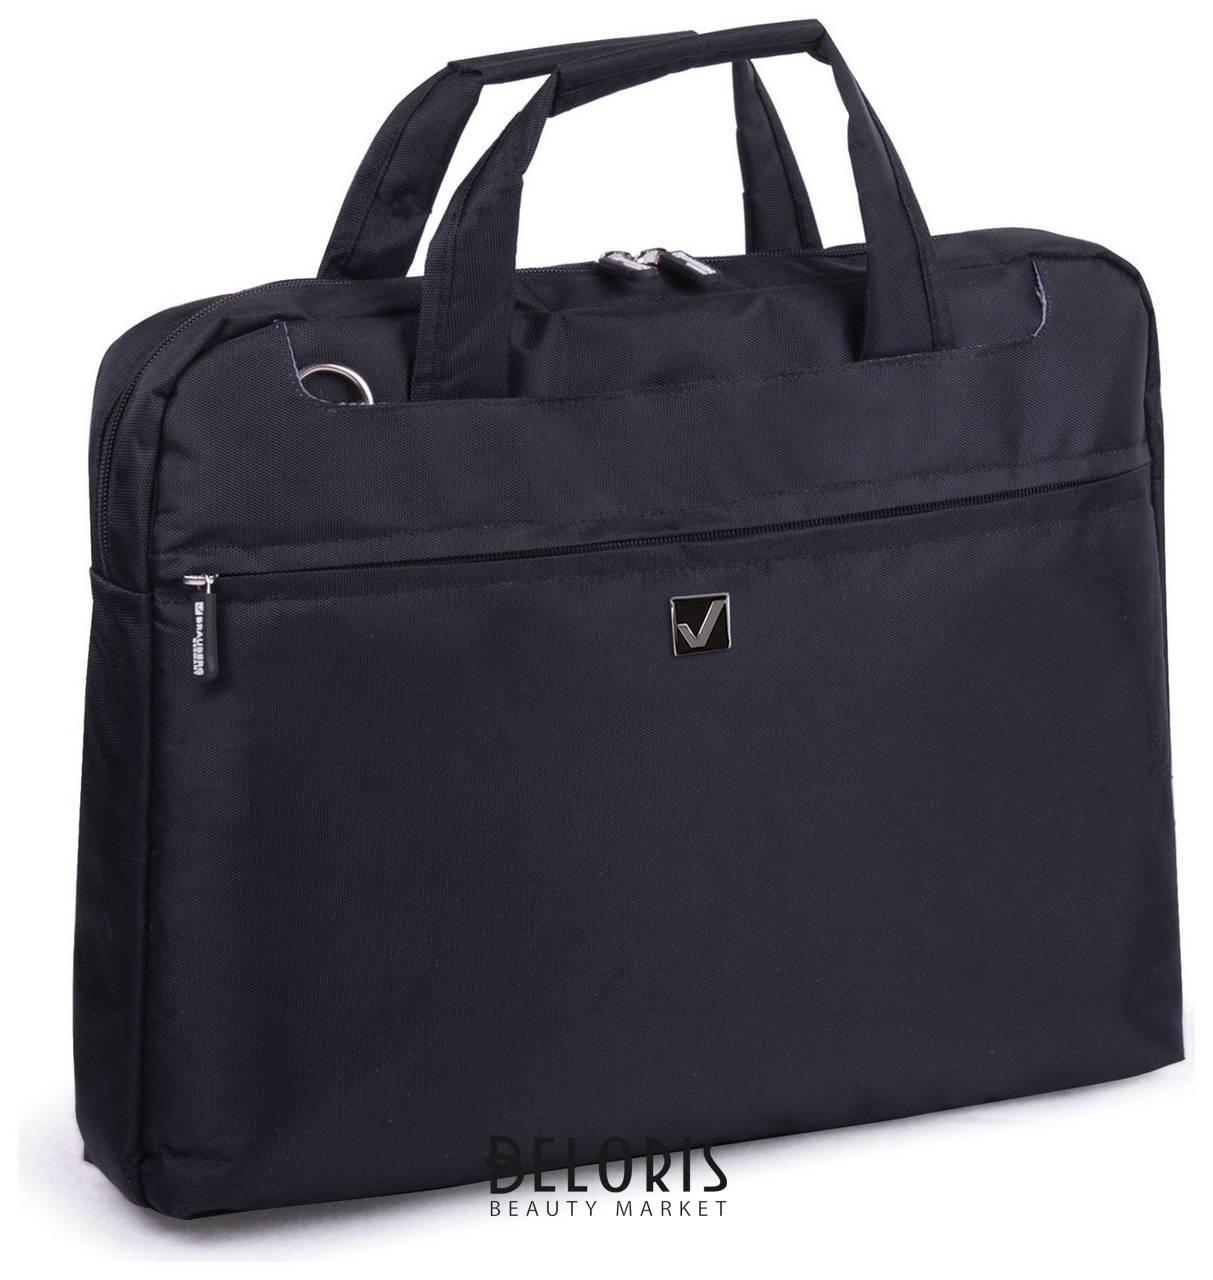 Сумка деловая Brauberg Chance, 30х40х4 см, отделение для планшета и ноутбука 15,6, ткань, черная Brauberg